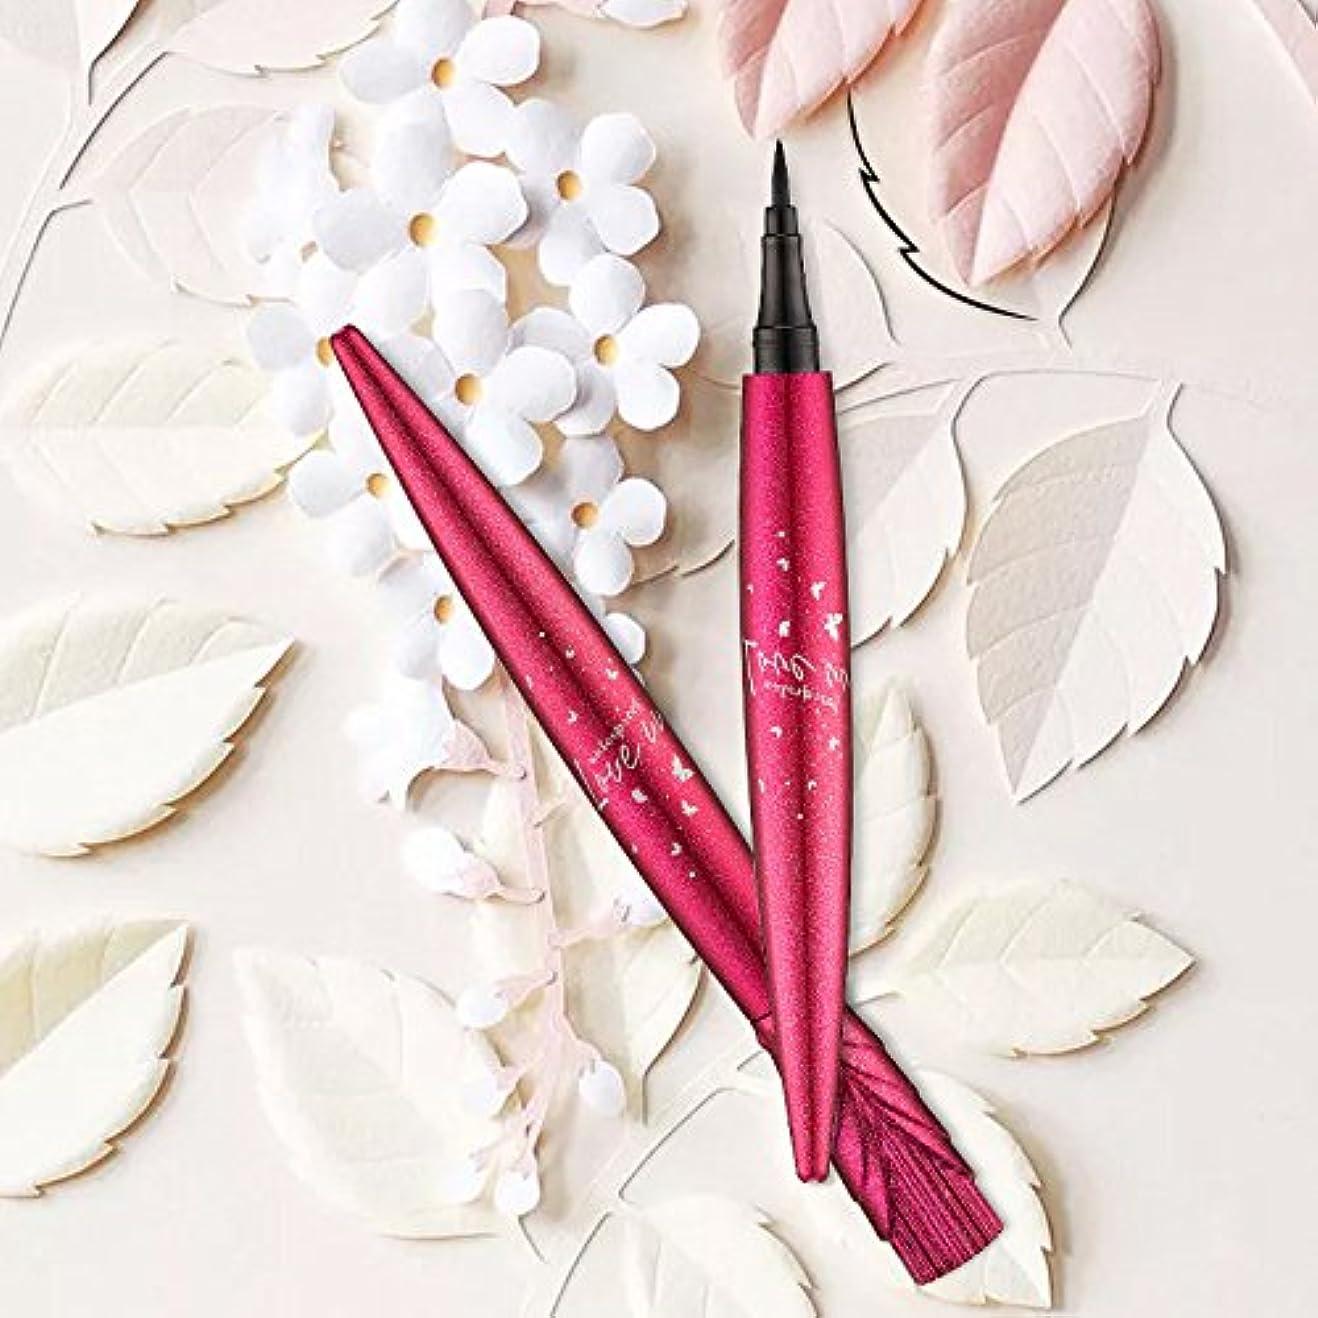 偽造バッフル頭美容ブラック防水アイライナーリキッドアイライナーペン鉛筆メイク化粧品新しい